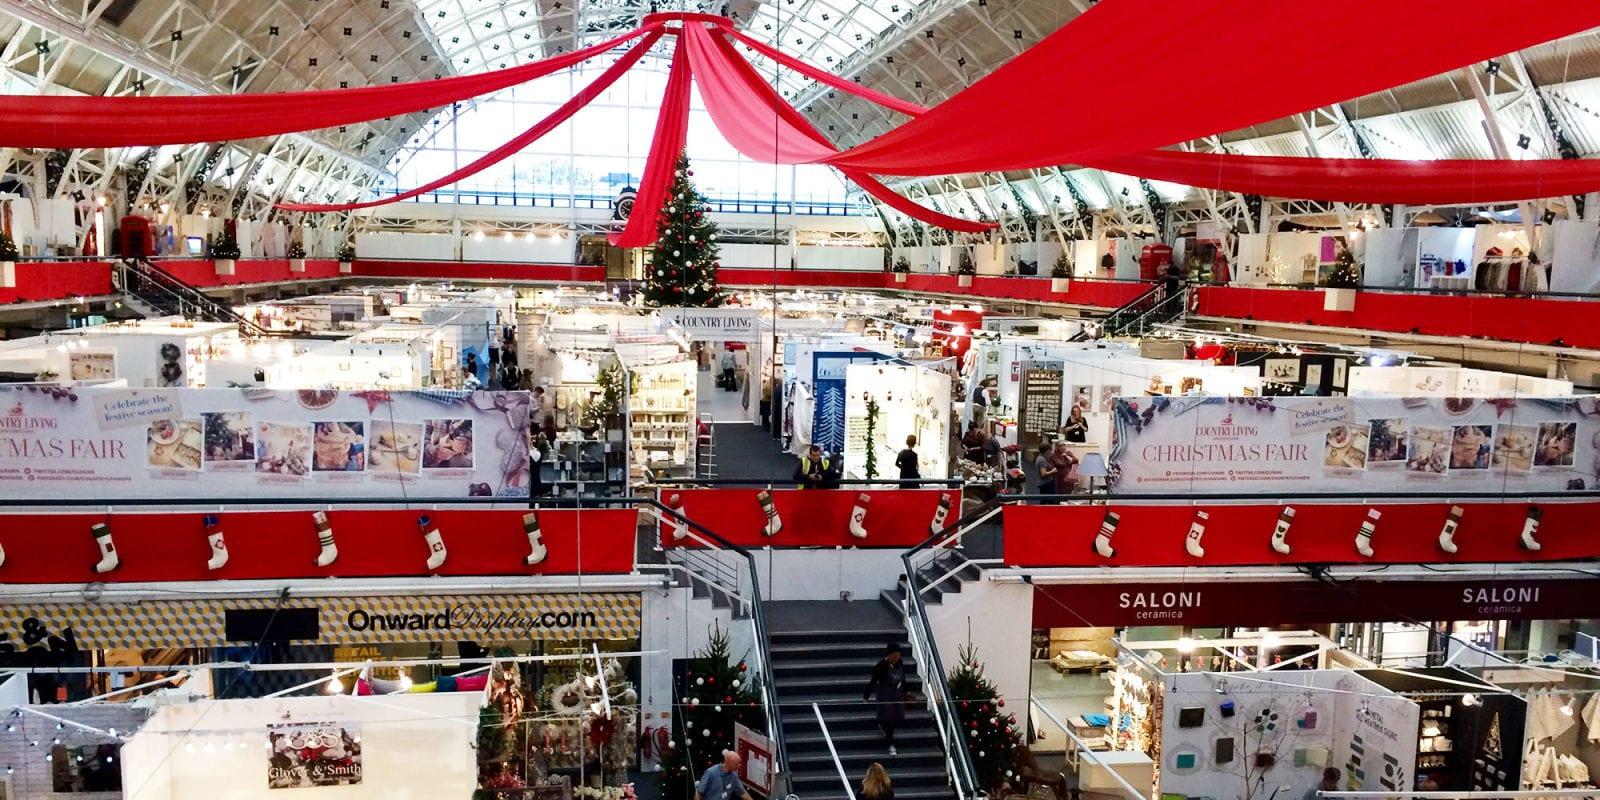 London Christmas Fair 2017